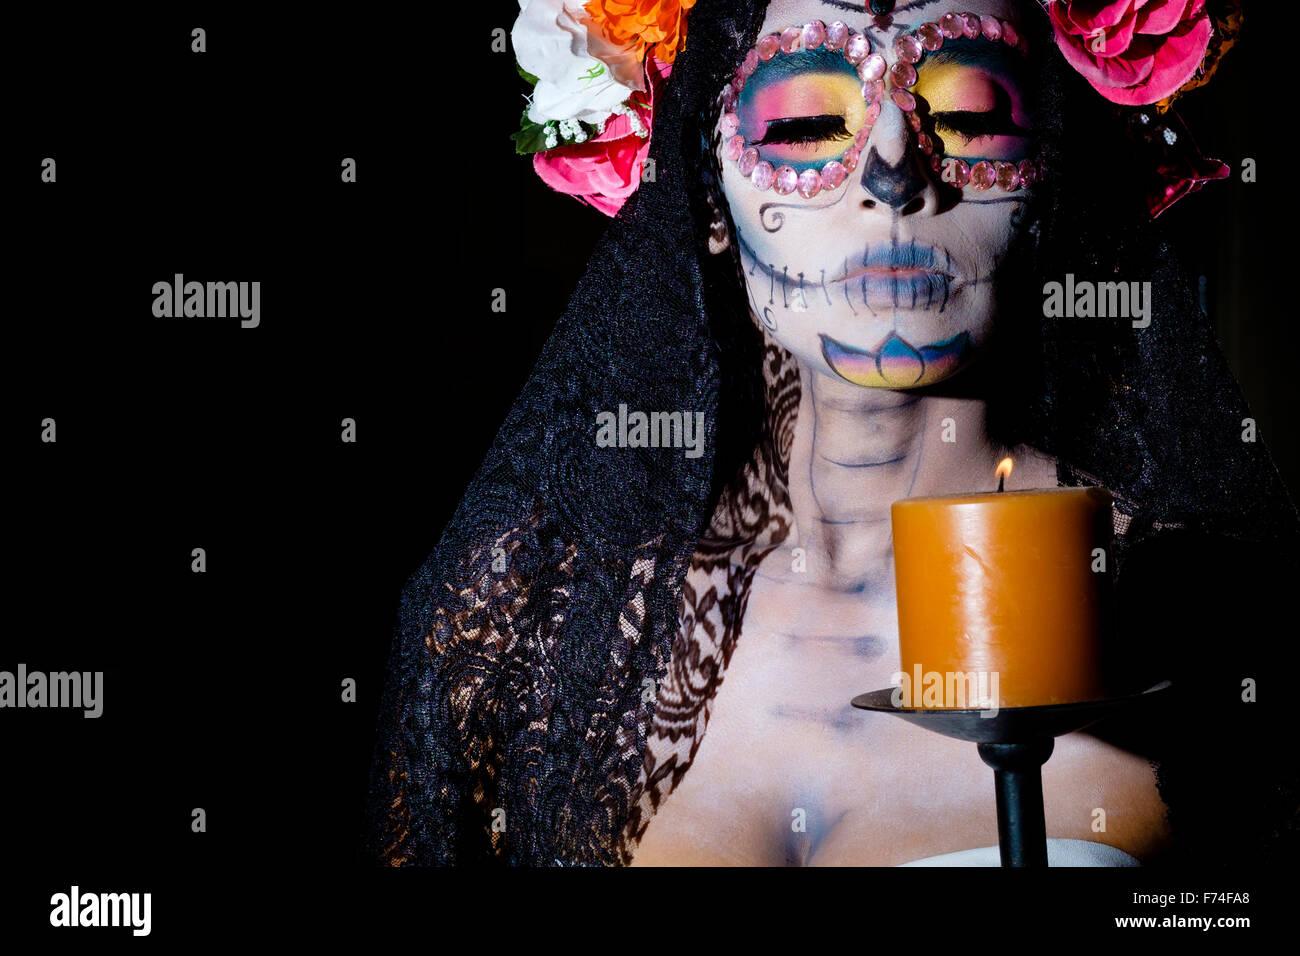 Messico - Dia de Muertos. La Calavera Catrina con candela - tradizionale messicano scheletro femminile figura che simboleggia la morte Foto Stock